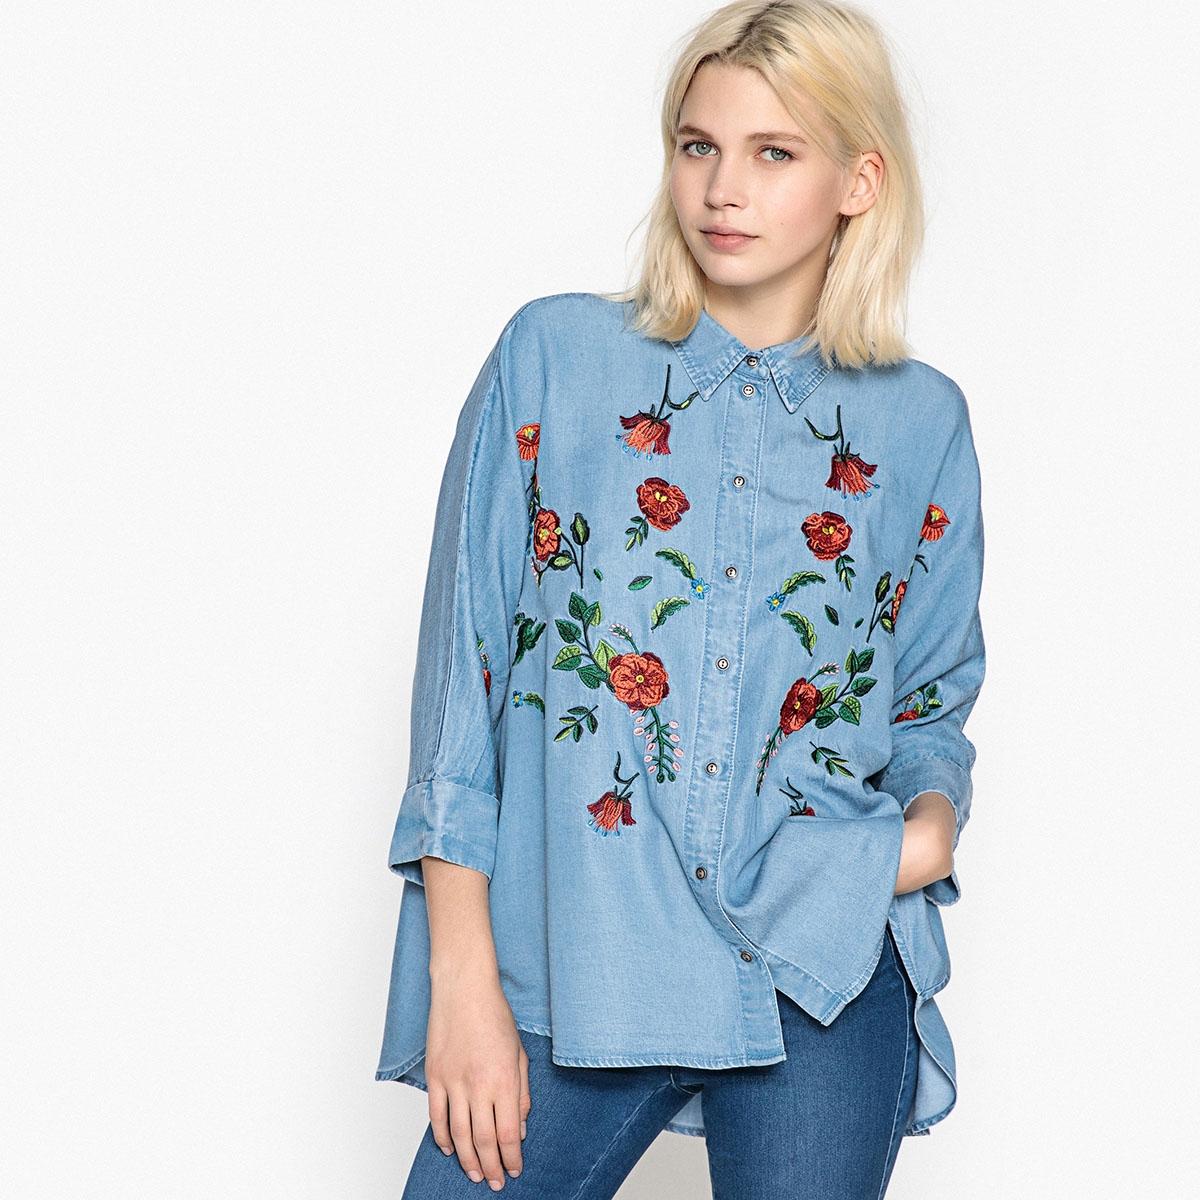 Рубашка прямого покроя с рисунком и воротником-поло рубашка с рисунком и классическим воротником